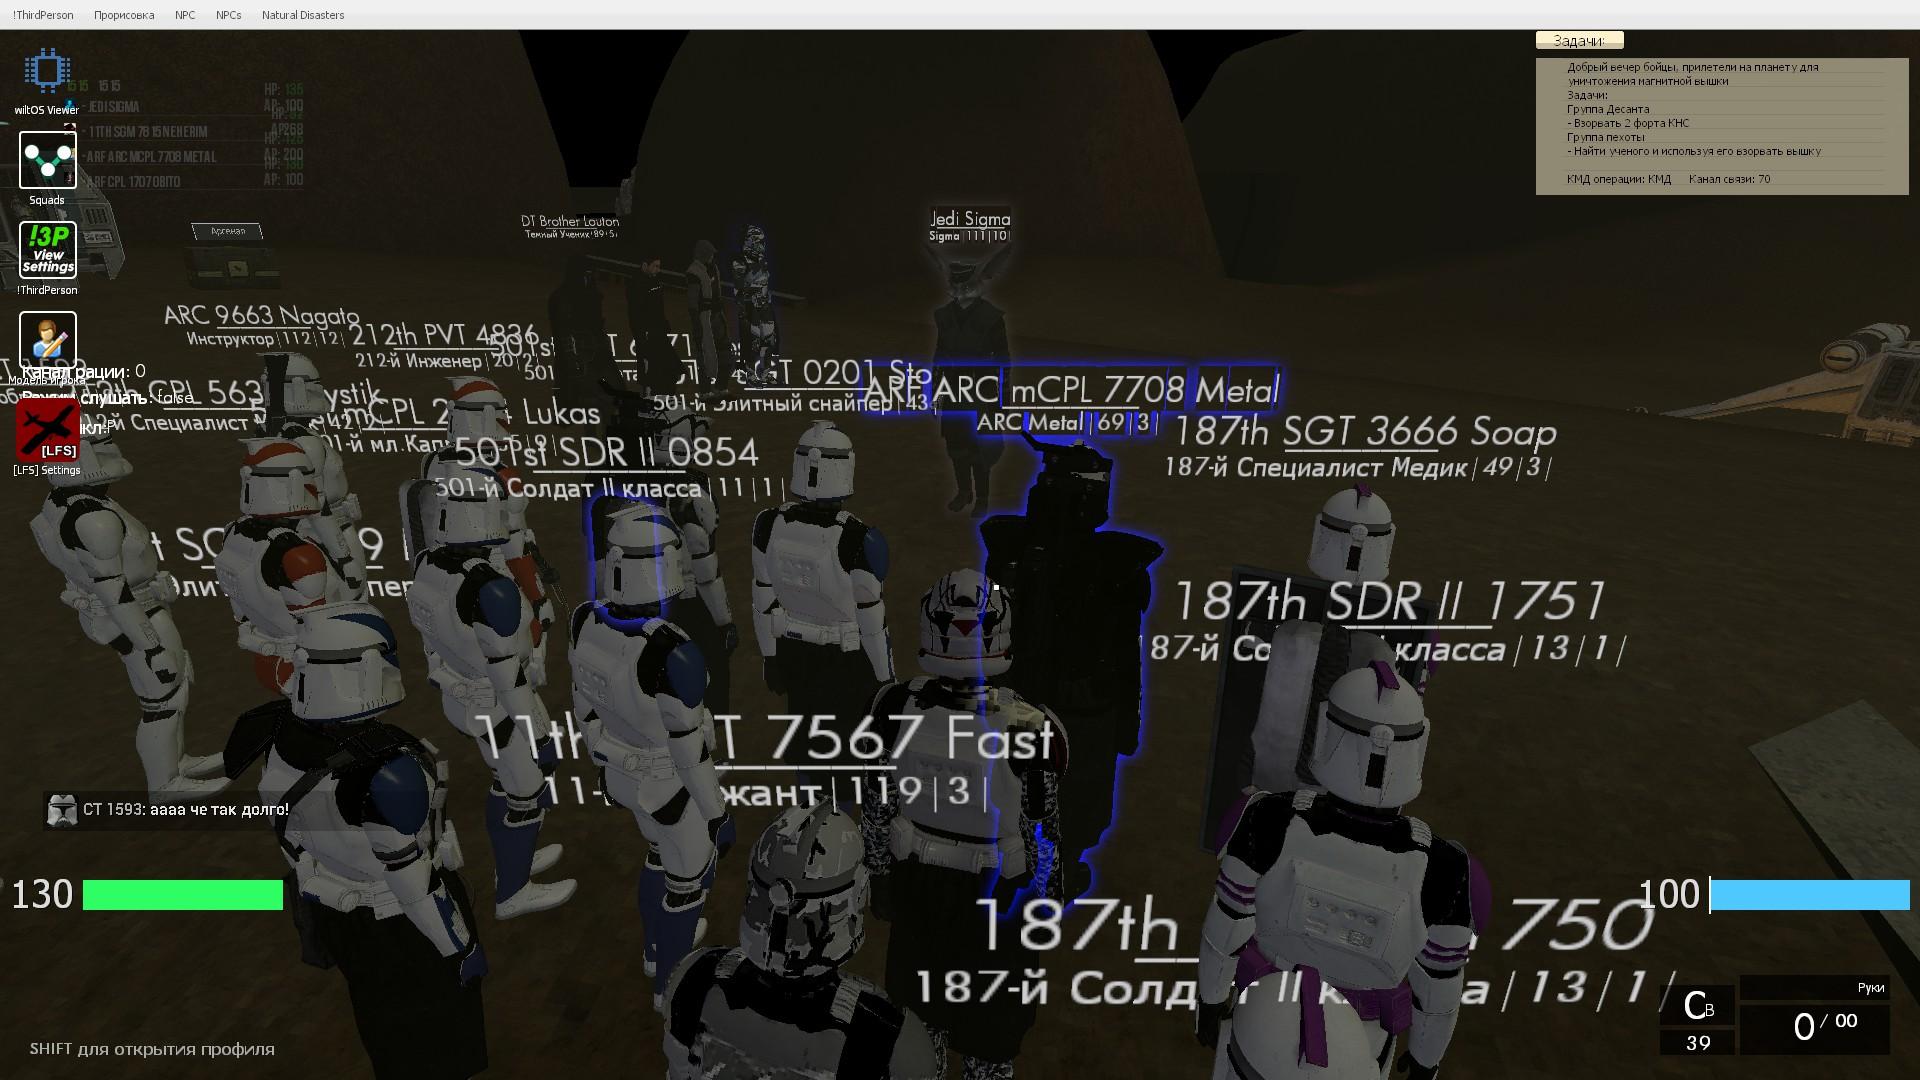 37DE08AF440B27FE4BD196EB2F154249BA8D73F5 (1920×1080)